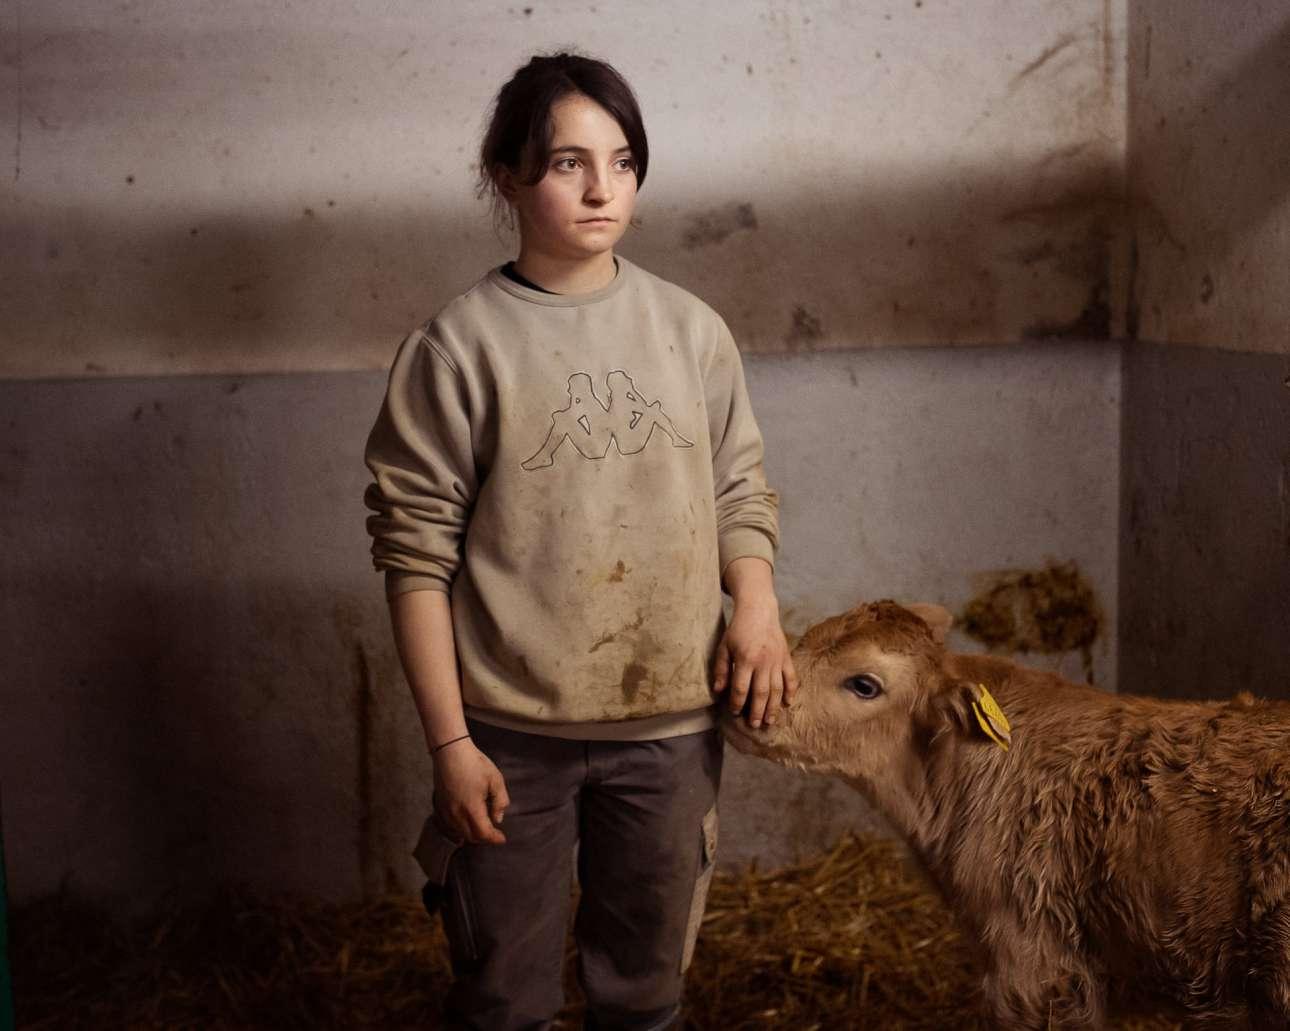 Η 20 ετών Ντόρις, η τελευταία αγρότισσα που έχει απομείνει στην κοιλάδα Μπλένιο της Ελβετίας